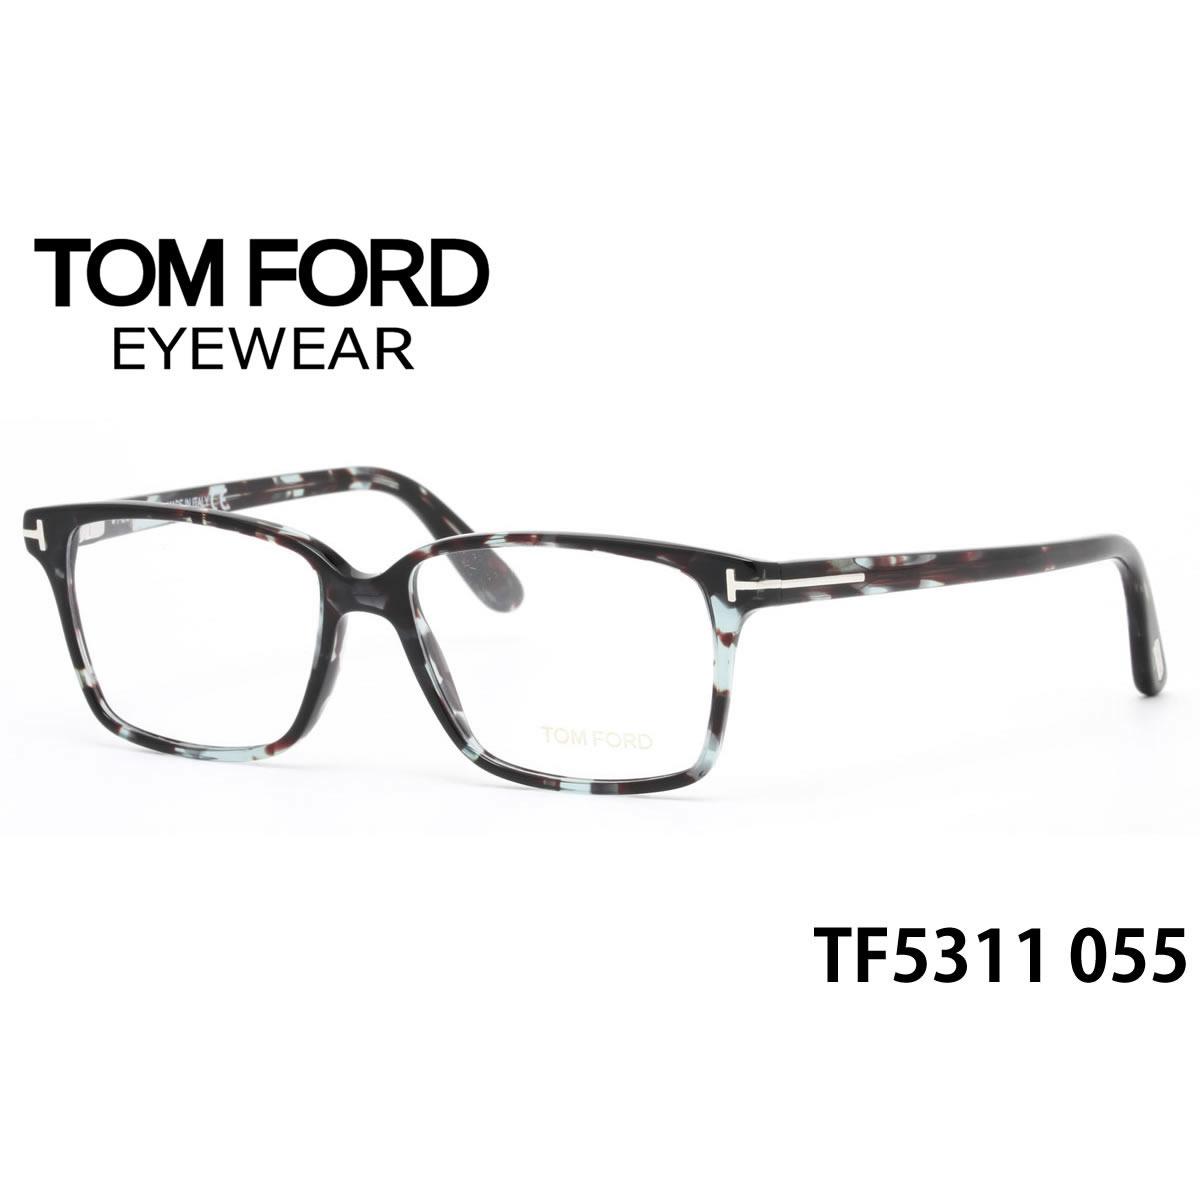 ほぼ全品ポイント15倍~最大43倍+3倍!お得なクーポンも! 【トムフォード】(TOM FORD) メガネ TF5311 055 53サイズ TOMFORD FT5311 セルシール1個サービス メンズ レディース